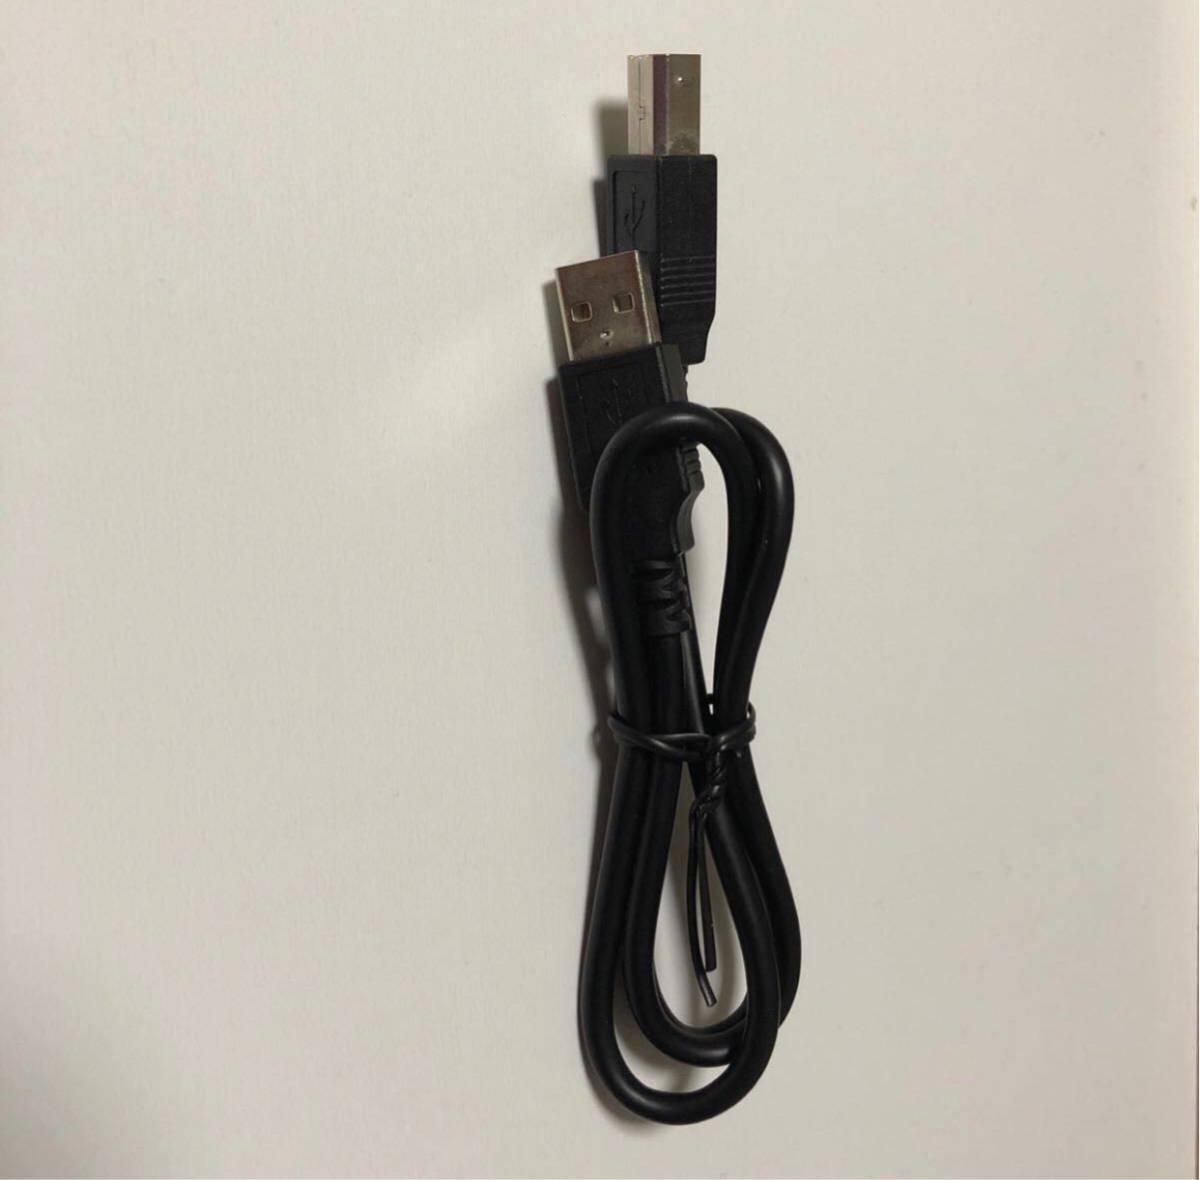 ☆送料込☆ 値下げ 未使用 USBケーブル USB 2.0 タイプAオス - タイプBオス データ転送 ●クーポン利用可●